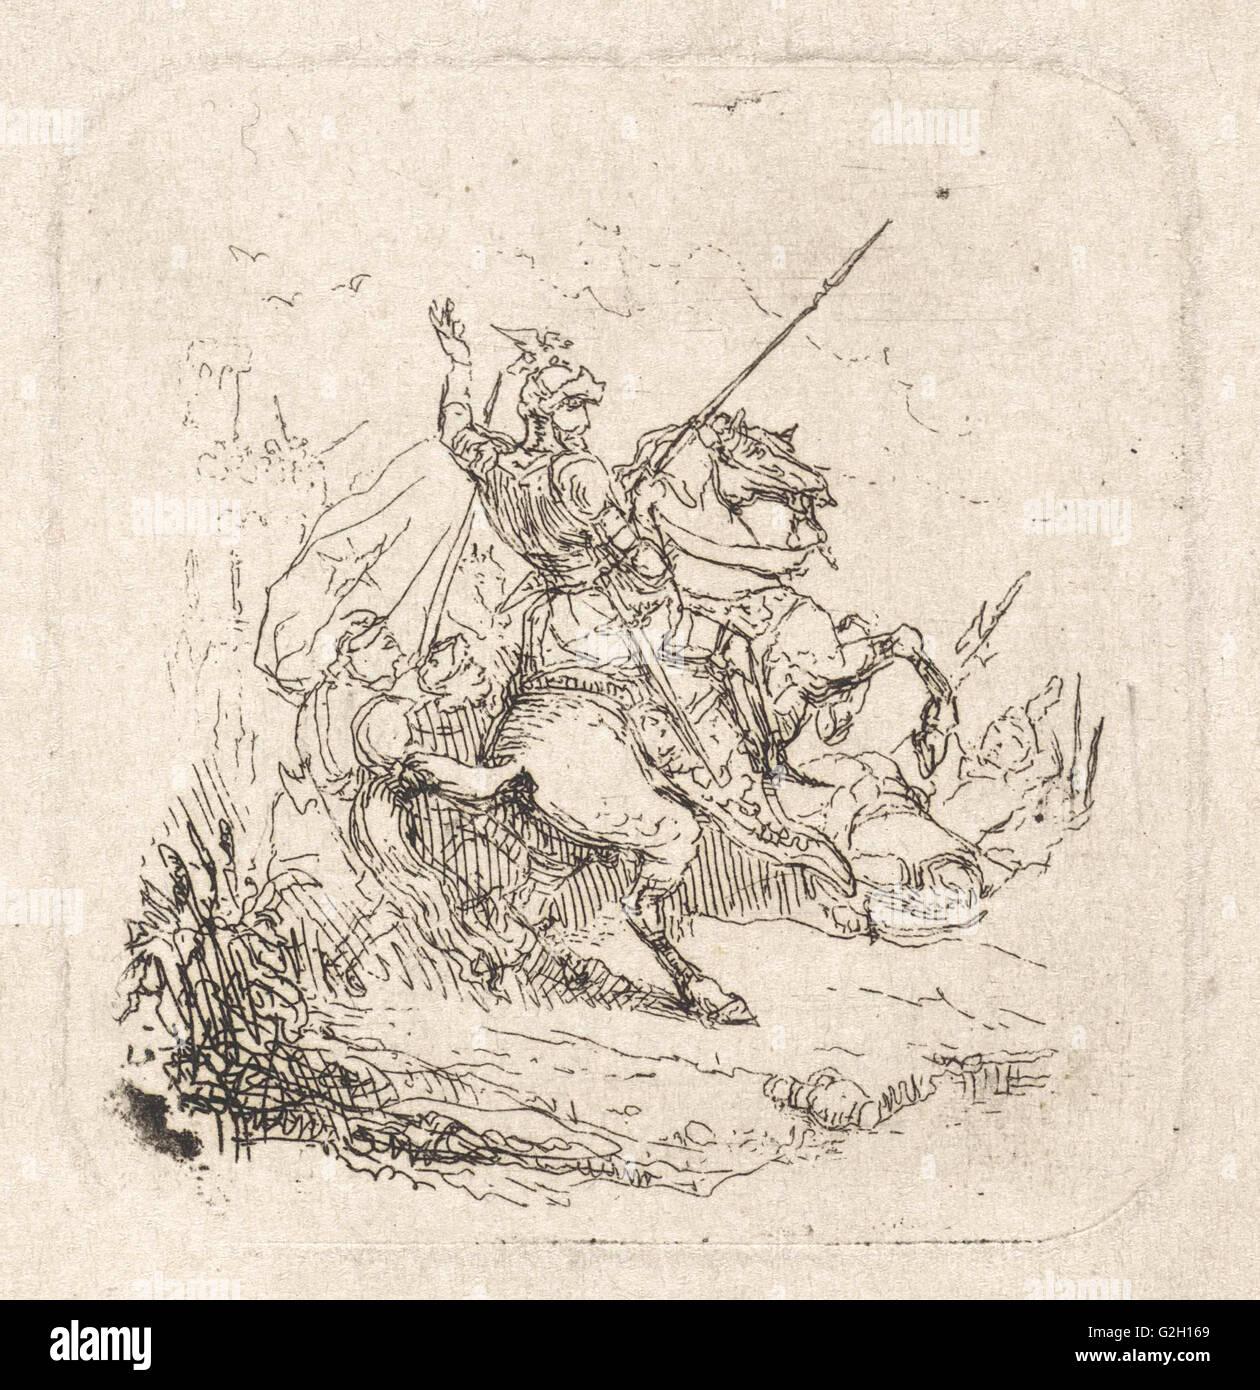 Battle, Theodoor Schaepkens, 1825 - 1883 - Stock Image